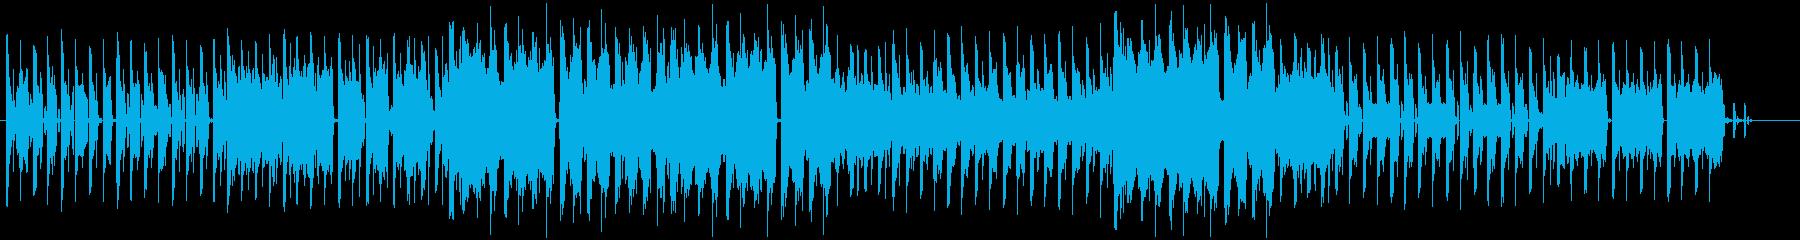 ポップで楽し気なテクノインストの再生済みの波形